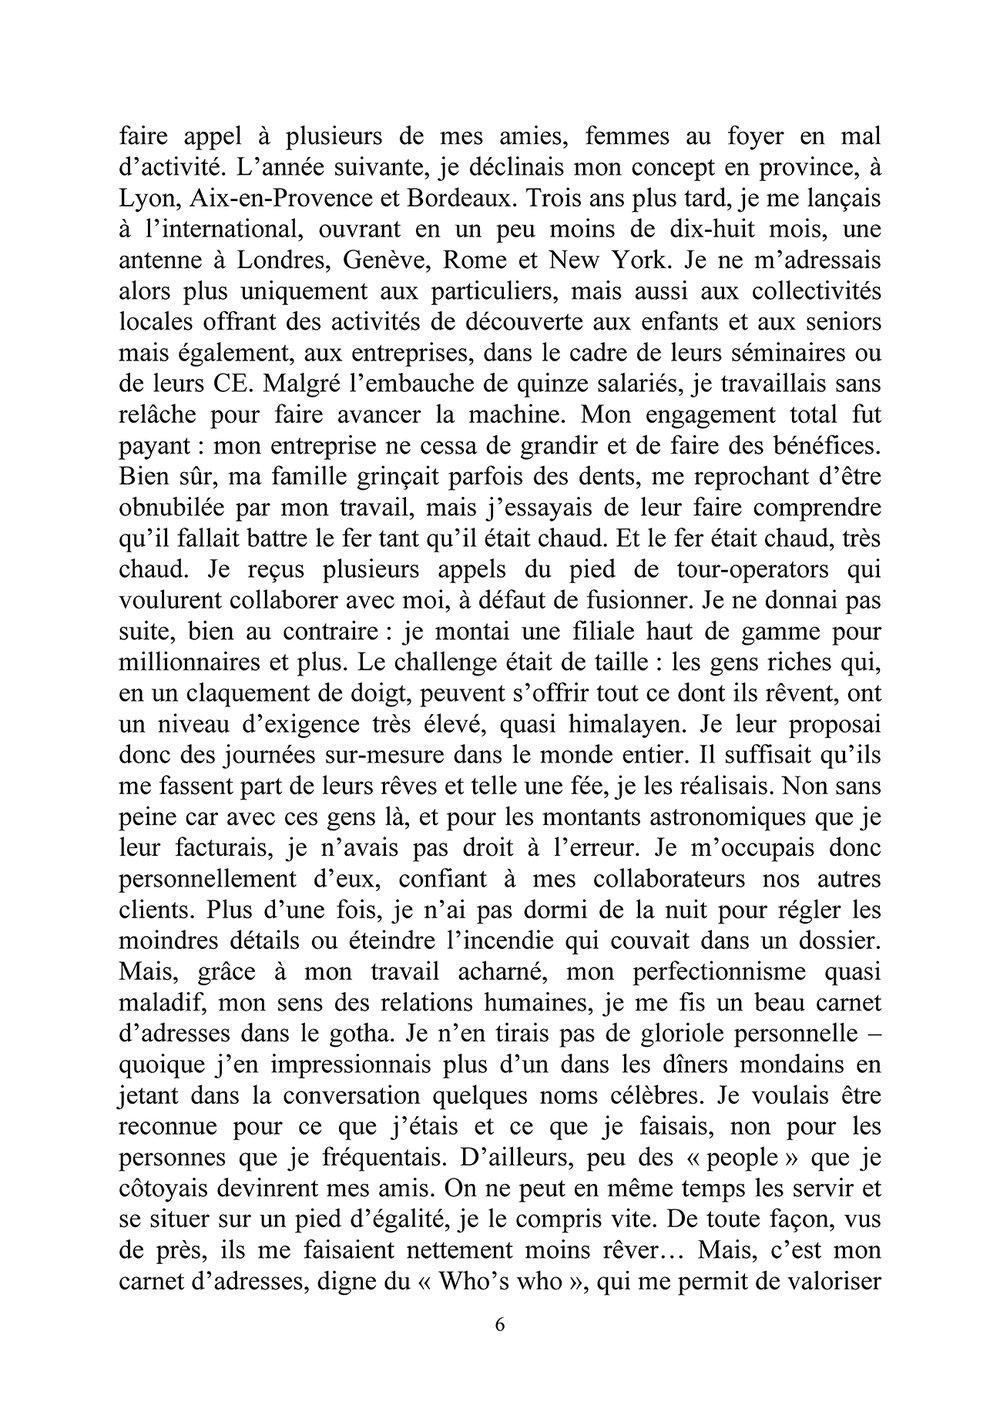 Ebook - Le Bonheur Intérieur Tattend_Page_007.jpg